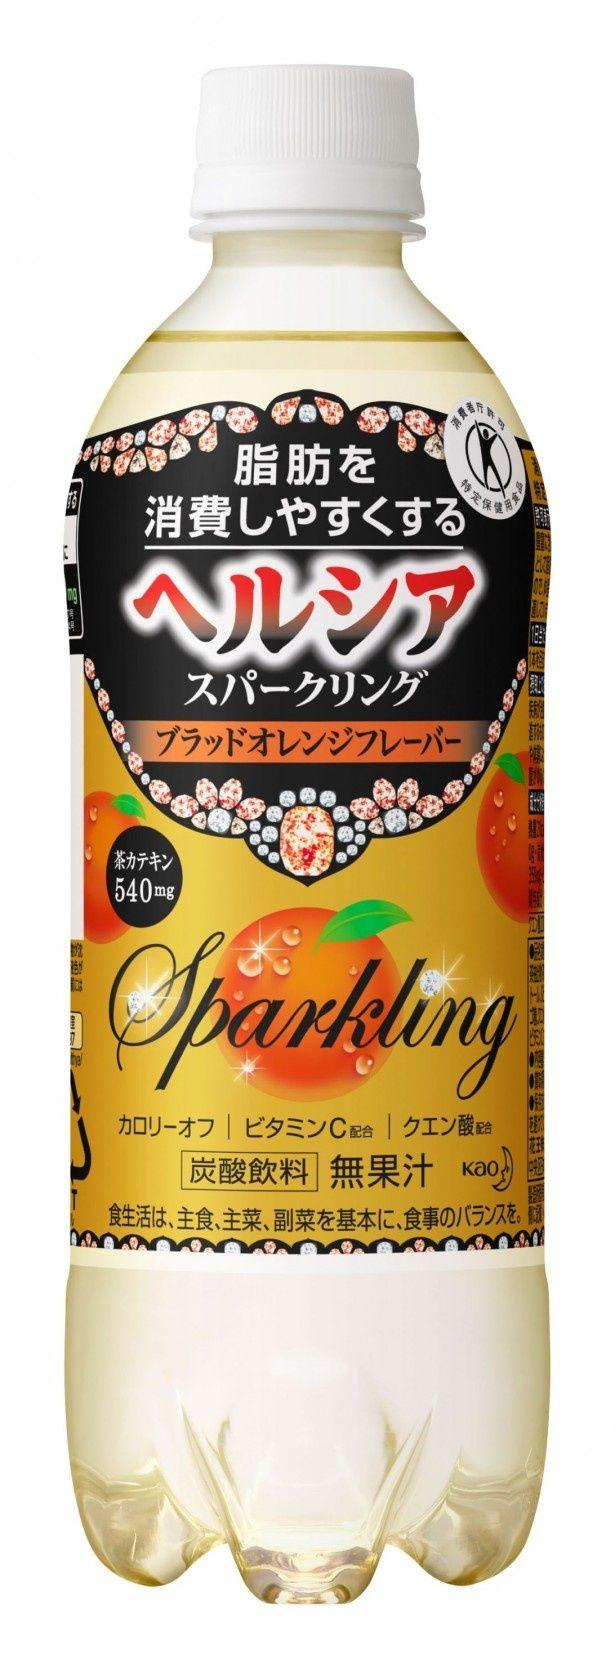 柑橘の爽やかな風味がおいしい「ヘルシアスパークリング ブラッドオレンジフレーバー」(希望小売価格・税抜180円)。日本人間ドック健診協会の推薦商品